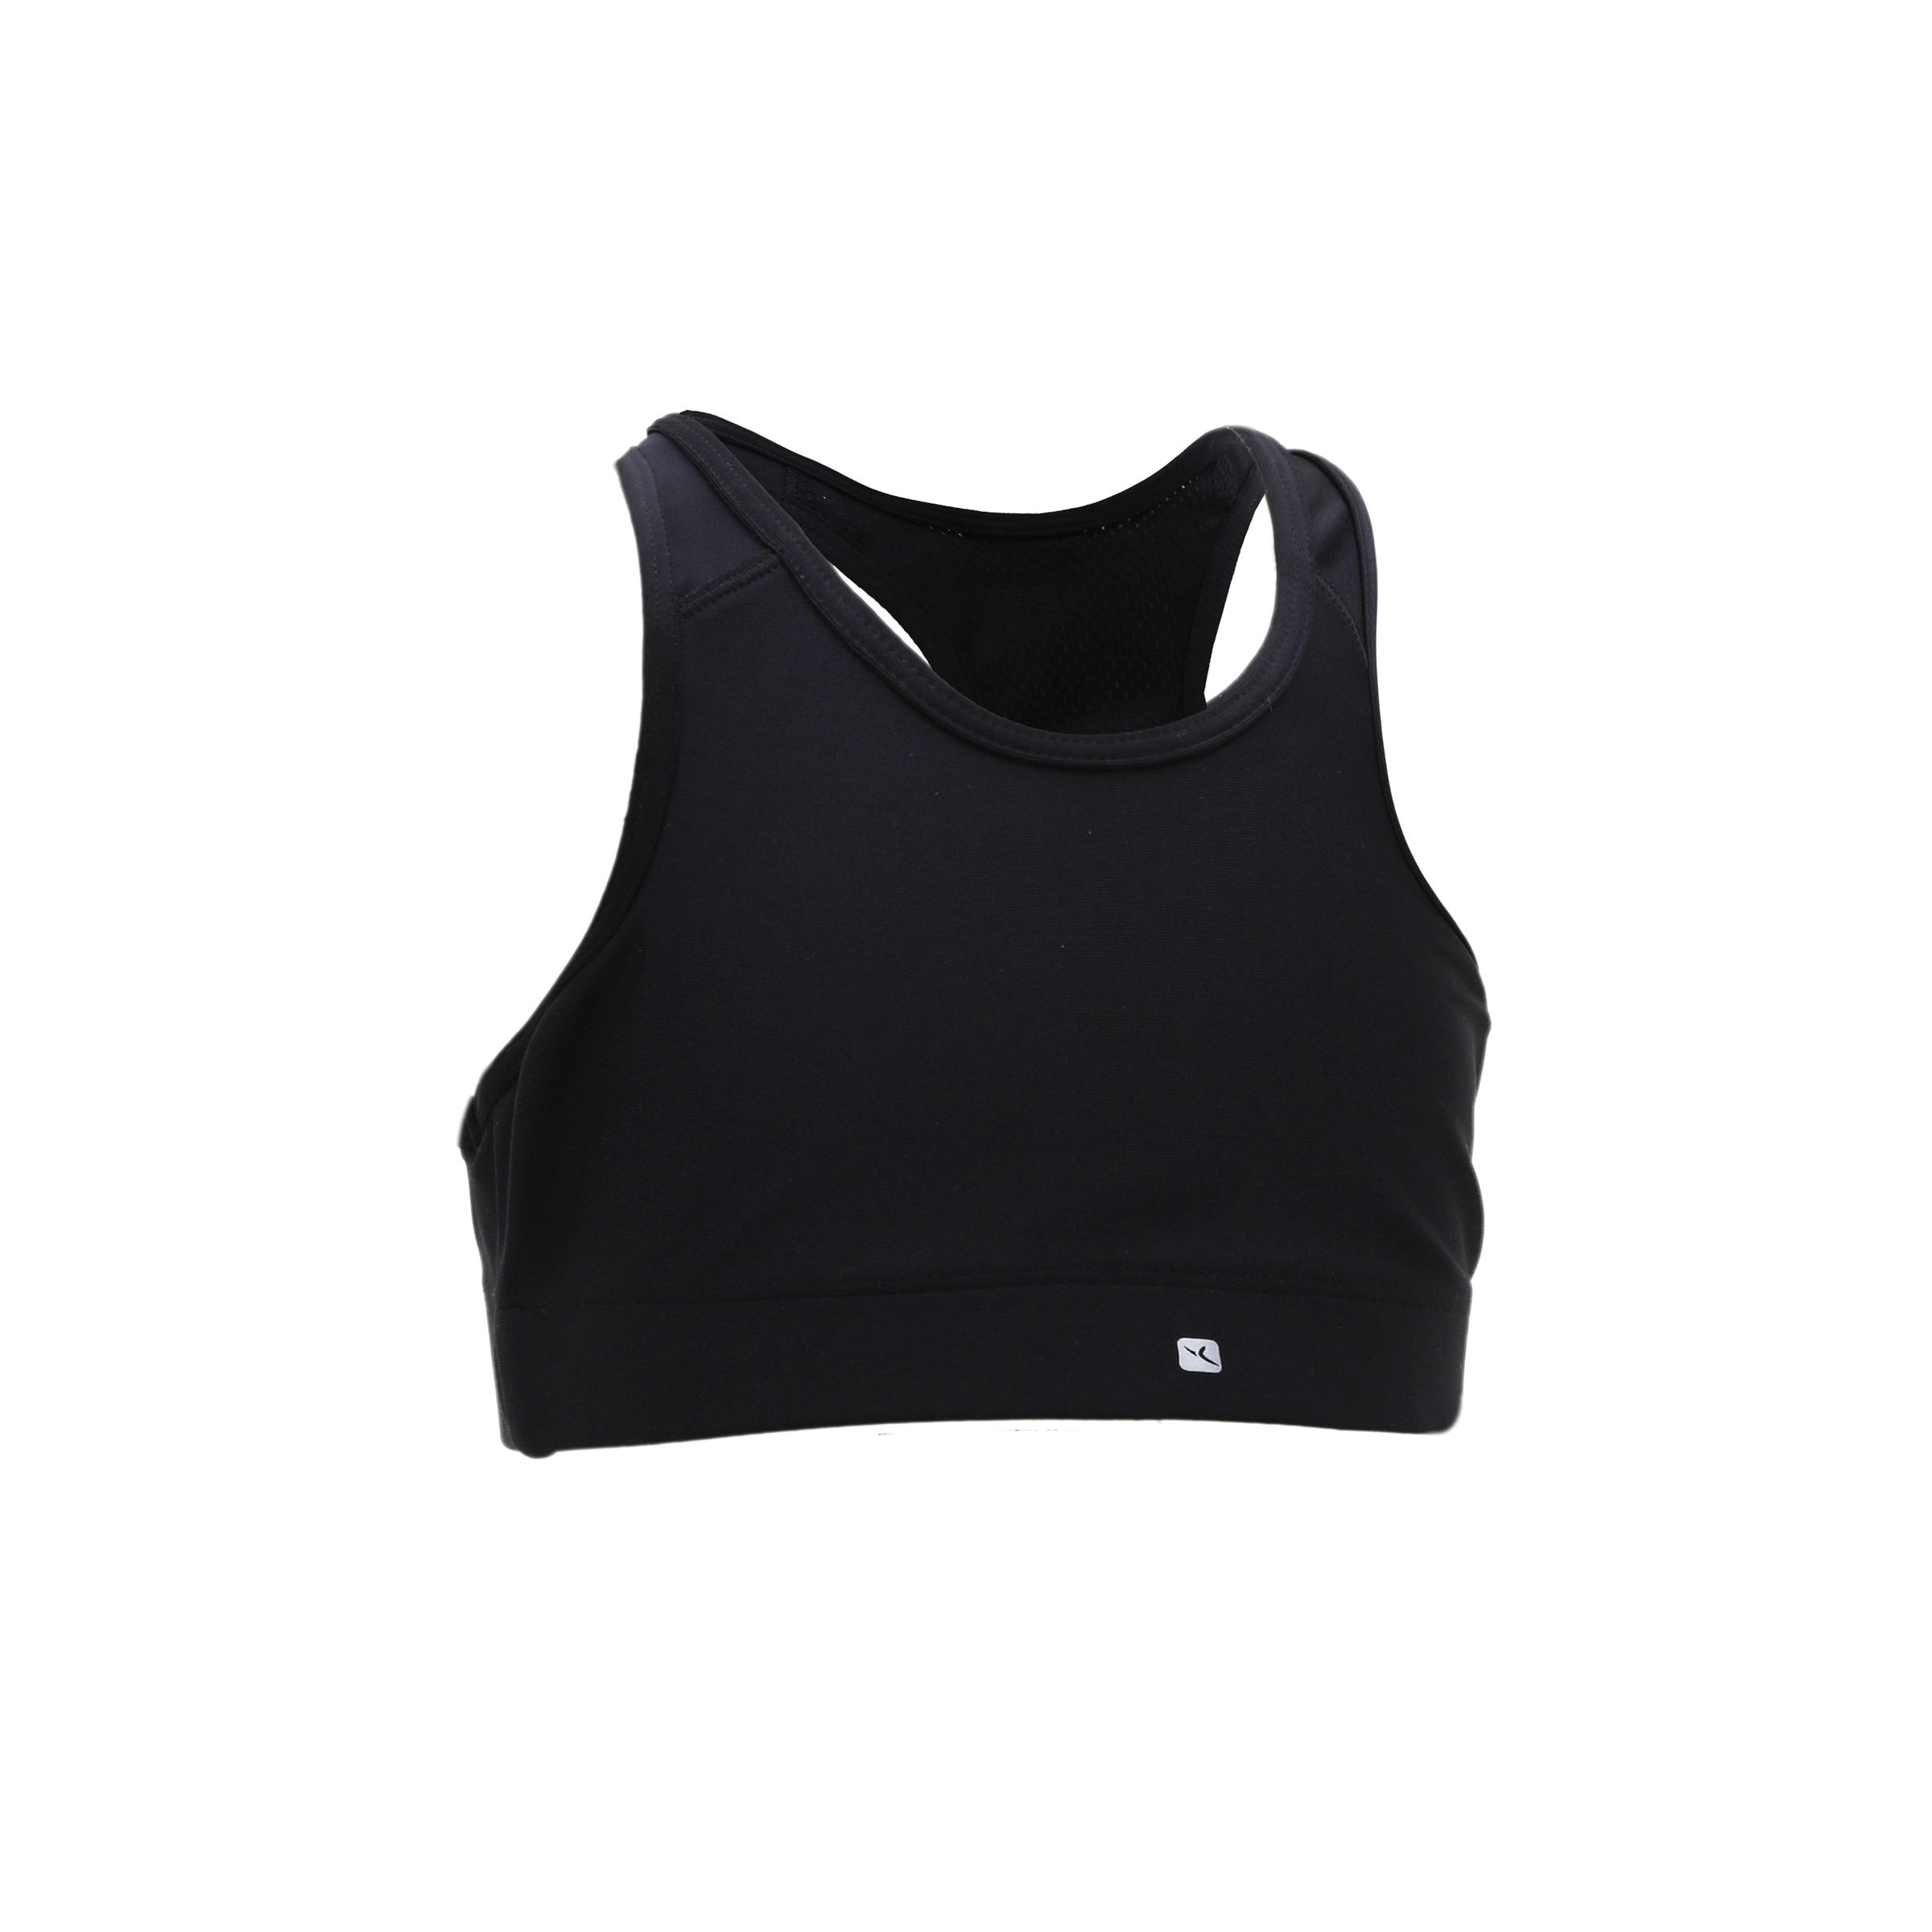 960 Girls' Gym Crop Top - Black